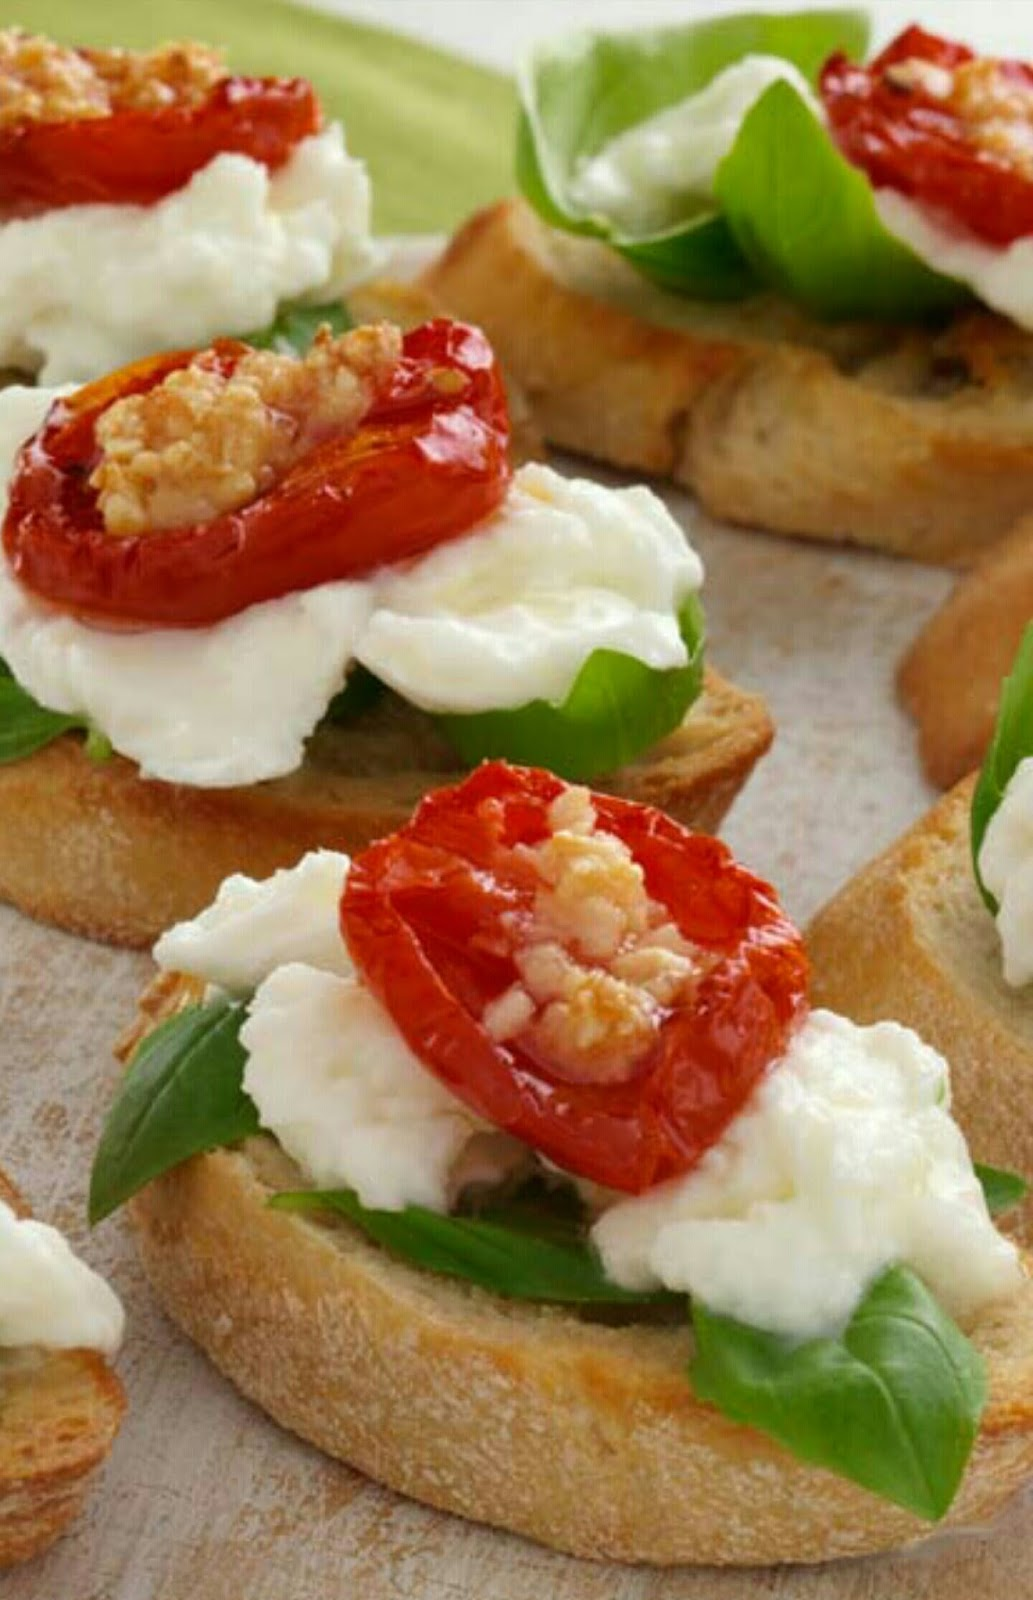 Roasted Tomato And Fresh Mozzarella Bruschetta Recipes — Dishmaps